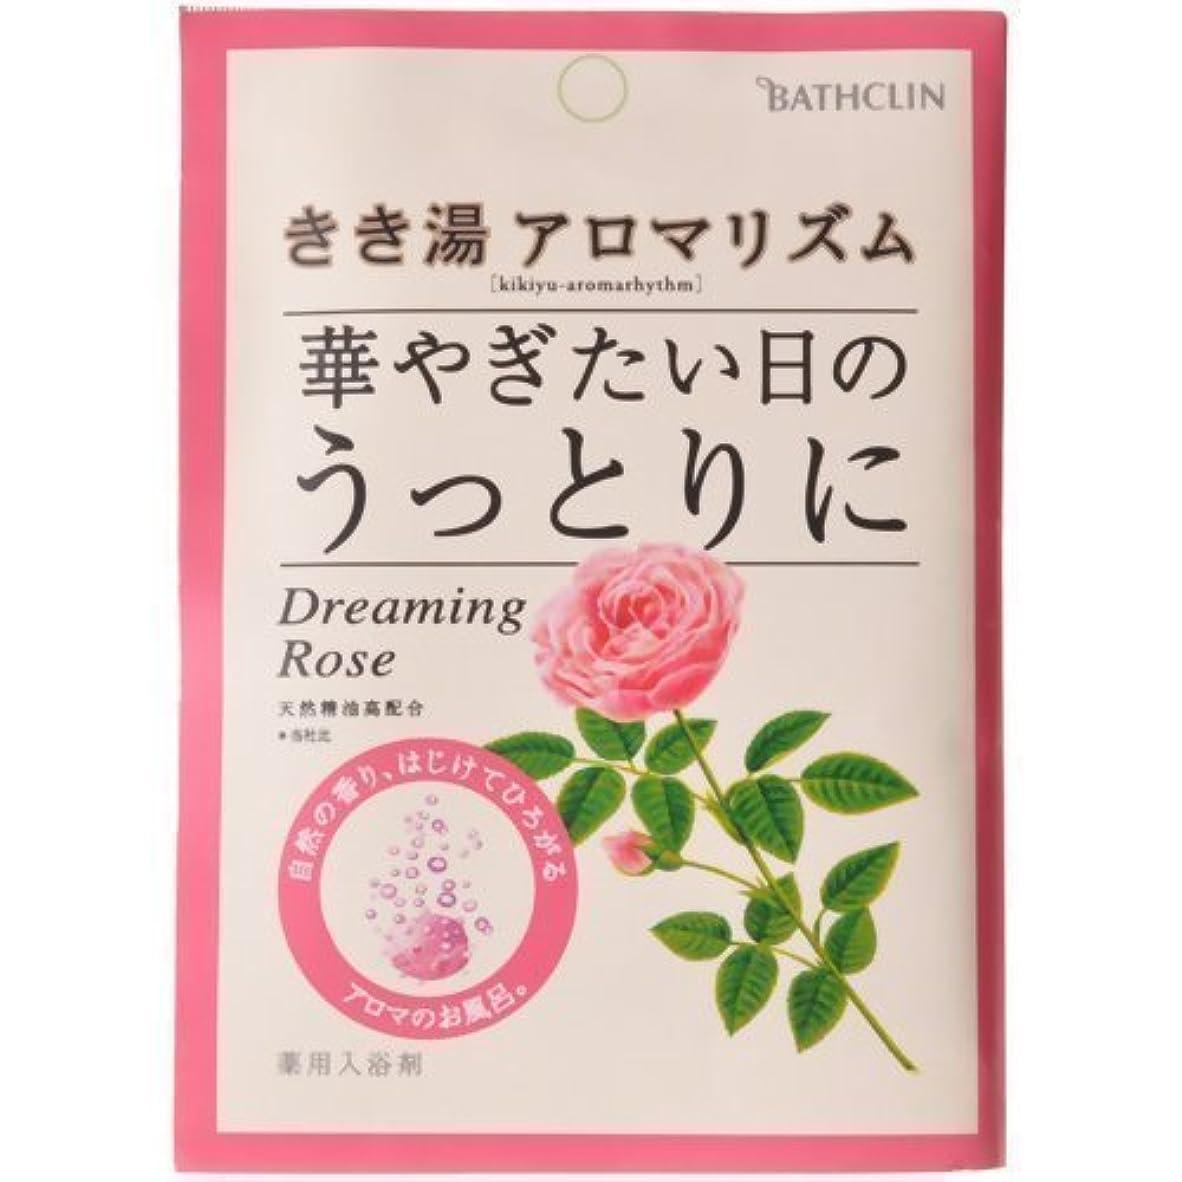 確認してくださいファセット極端なきき湯 アロマリズム ドリーミングローズの香り 30g